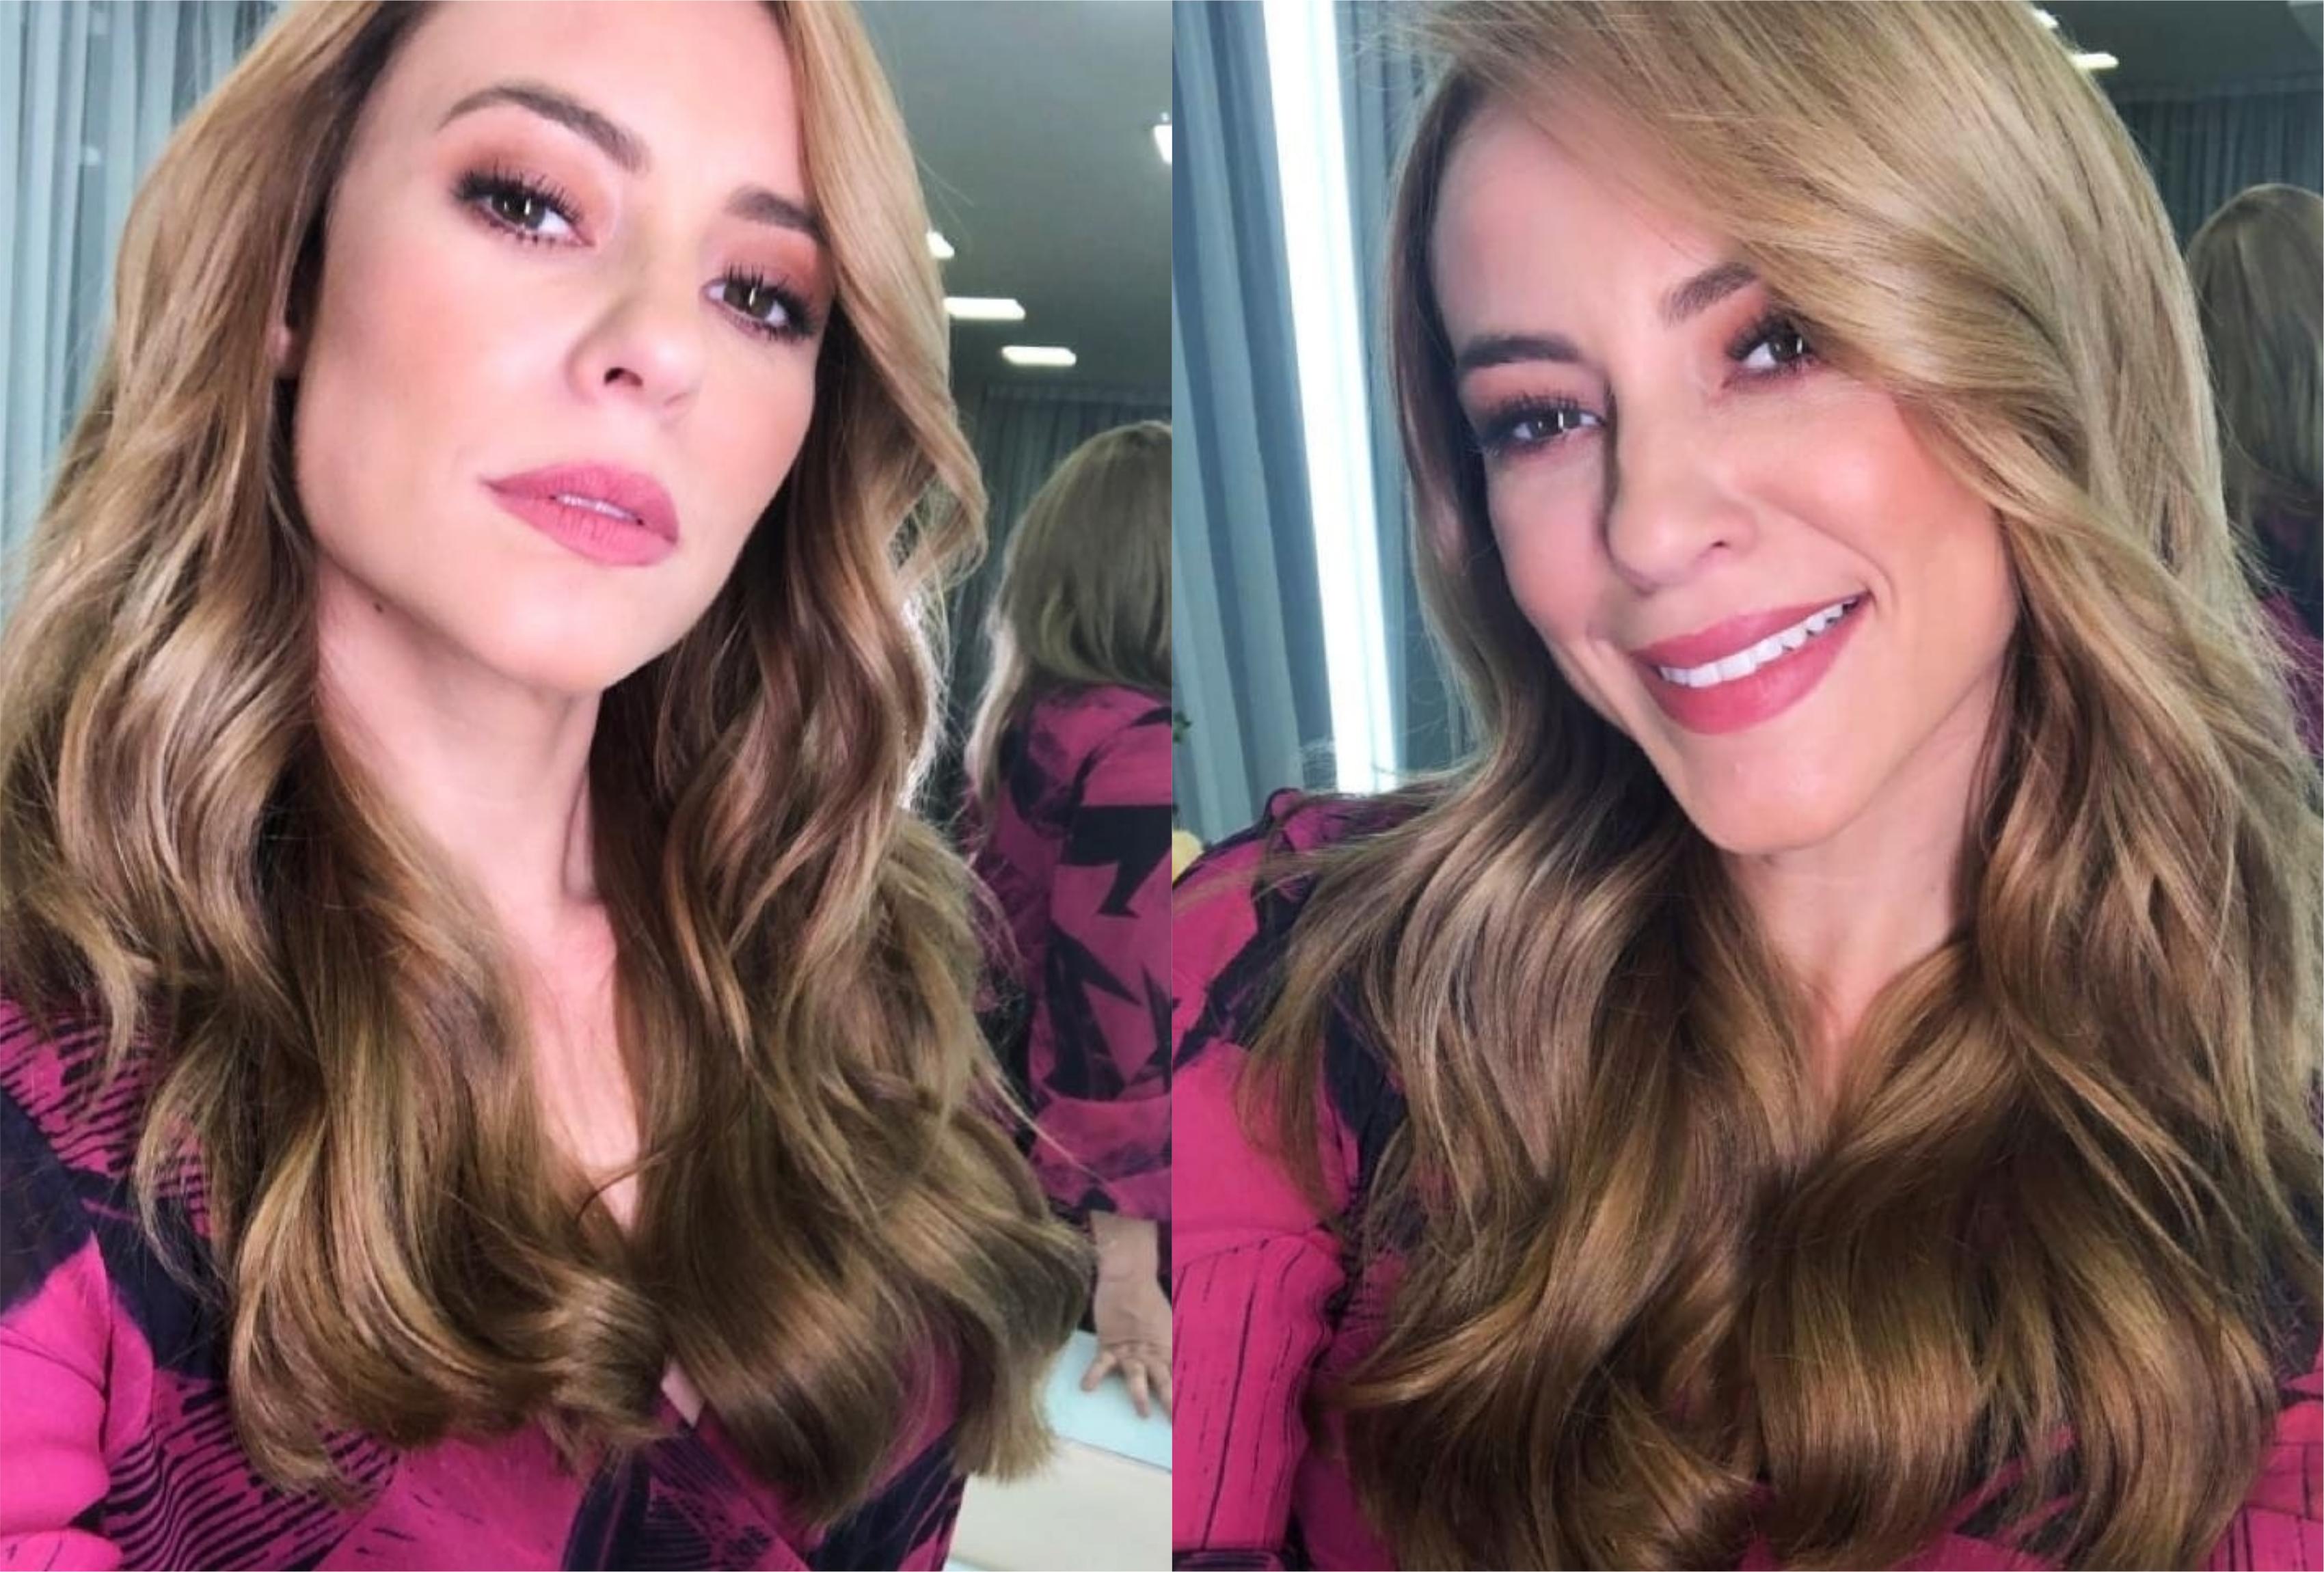 Vivi Guedes (Paolla Oliveira) choca com novo visual para A Dona do Pedaço da Globo (Montagem: TV Foco)